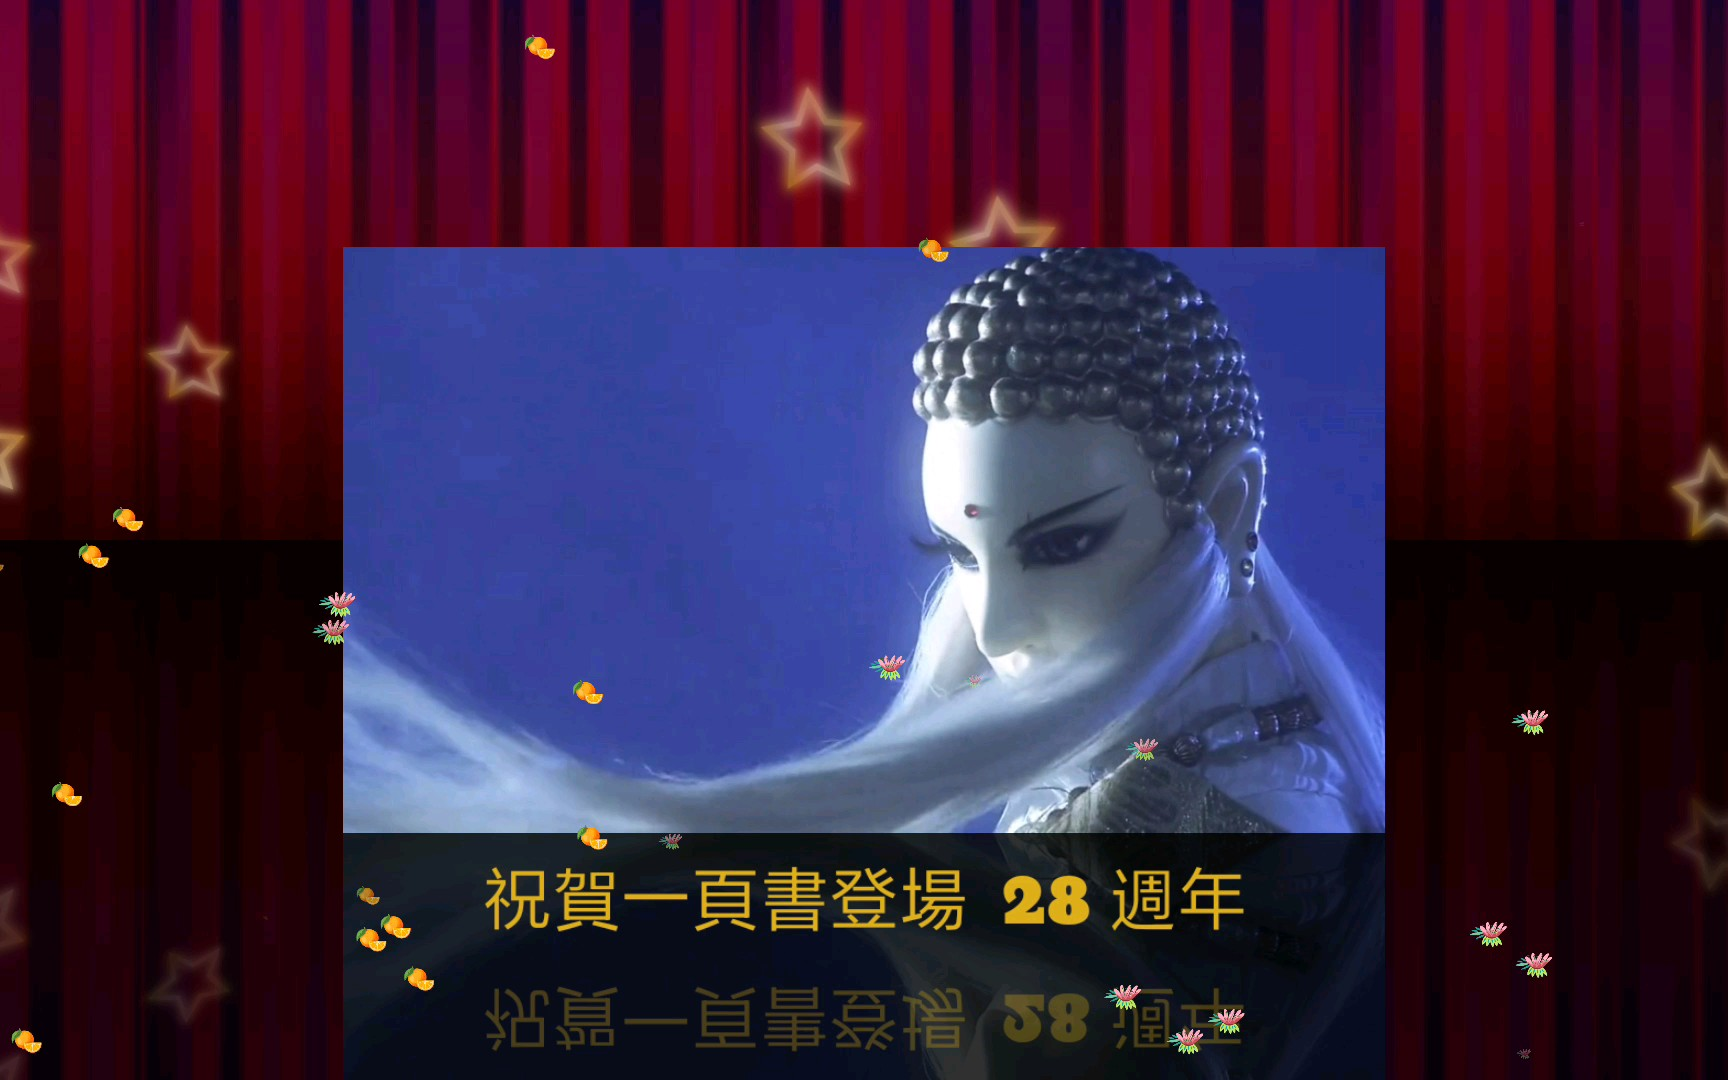 【霹雳布袋戏】祝贺一頁書登场28周年